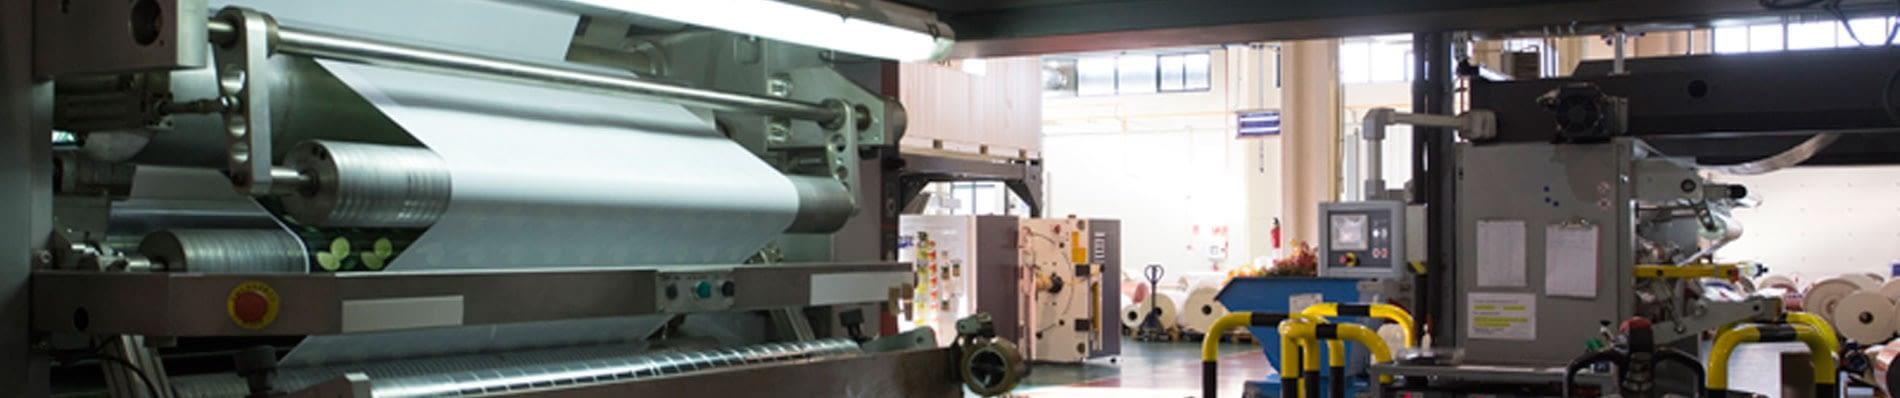 Impresora Producción 1